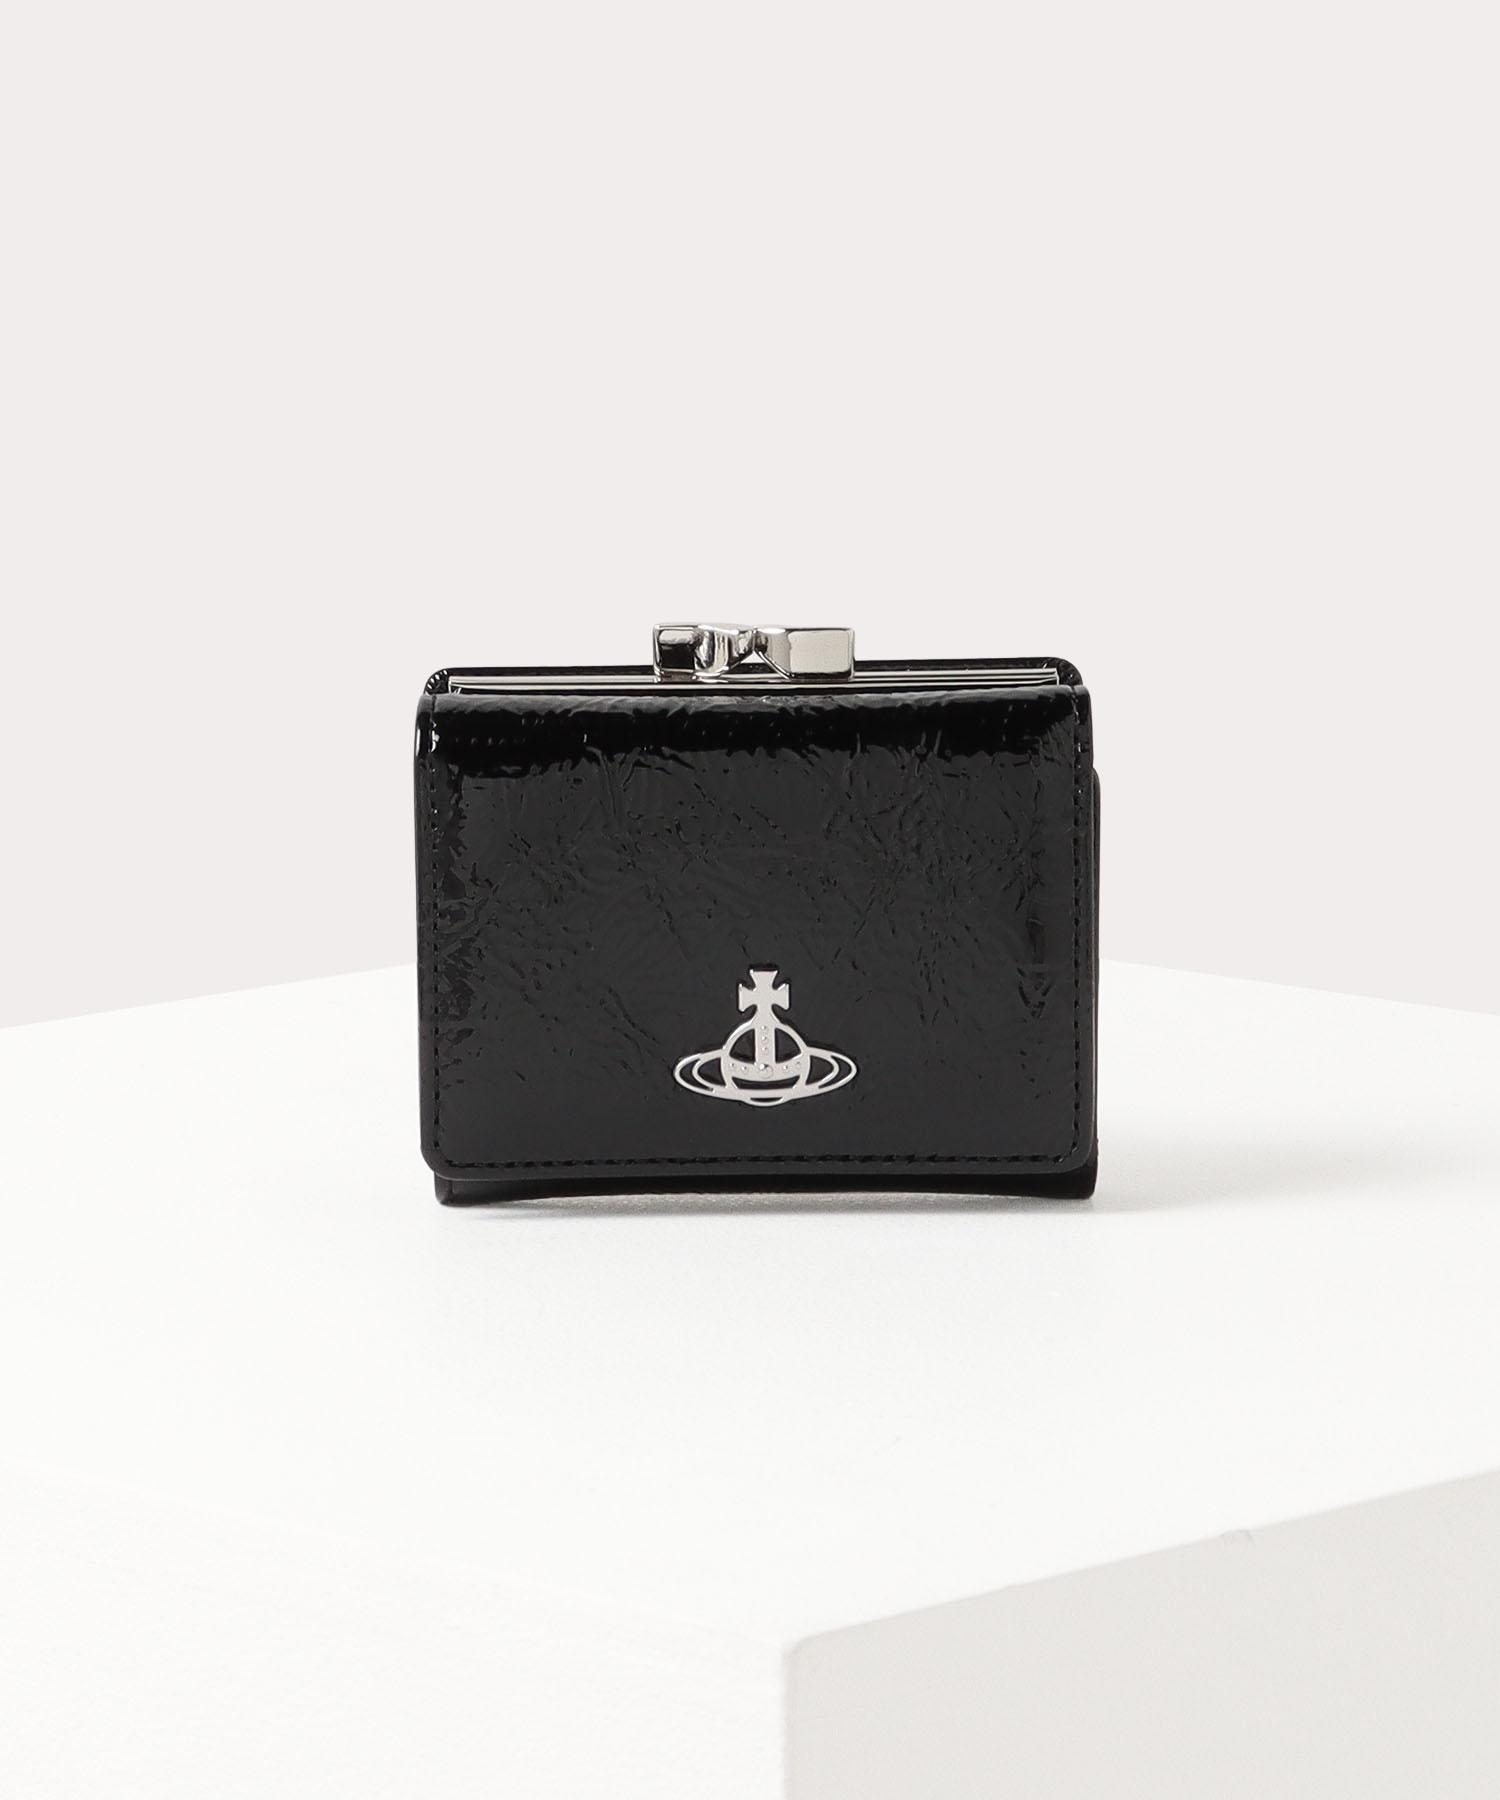 クリスマスプレゼントにおすすめなお財布はヴィヴィアンウエストウッドのPAVILLONです